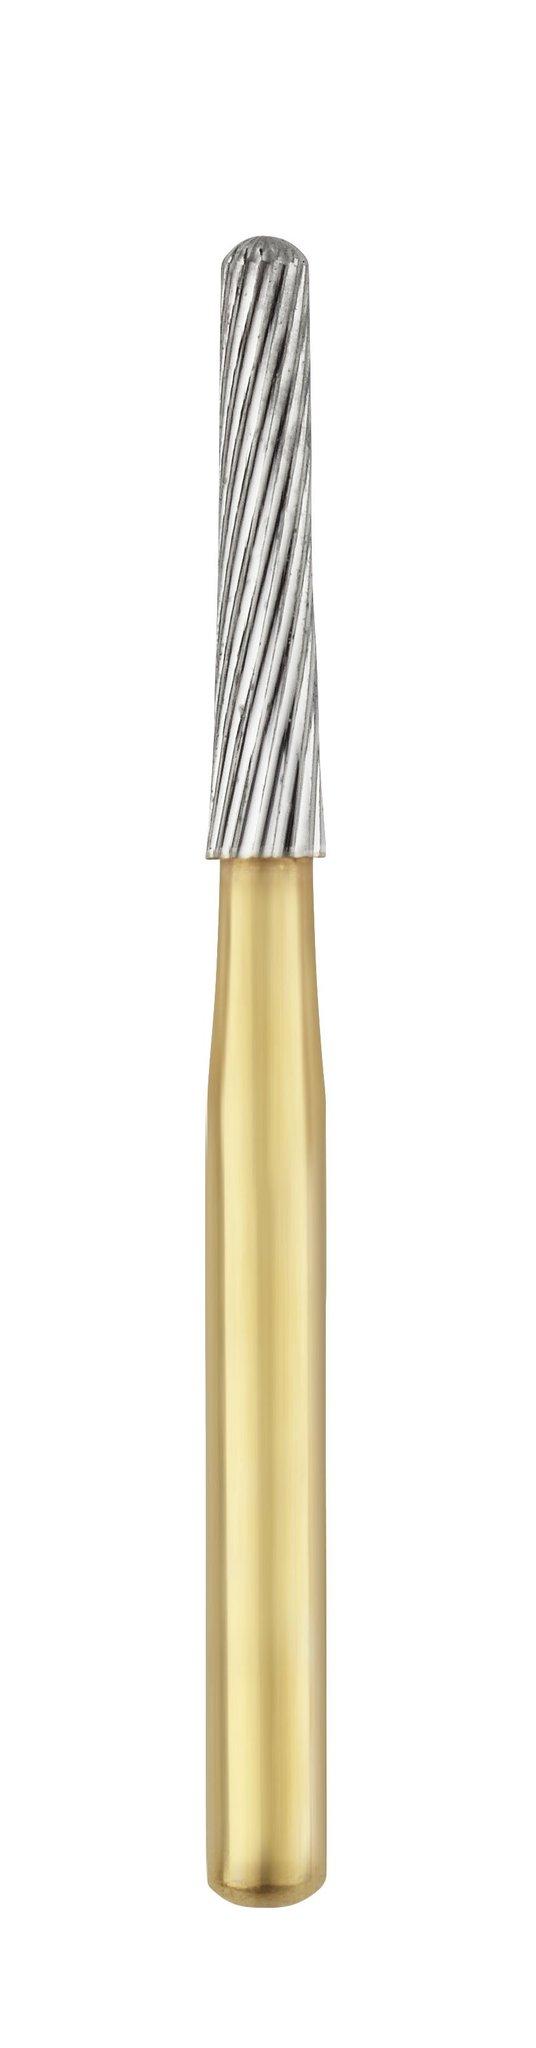 изображение Боры финиры 20 граней SWHITE серии FG 8675